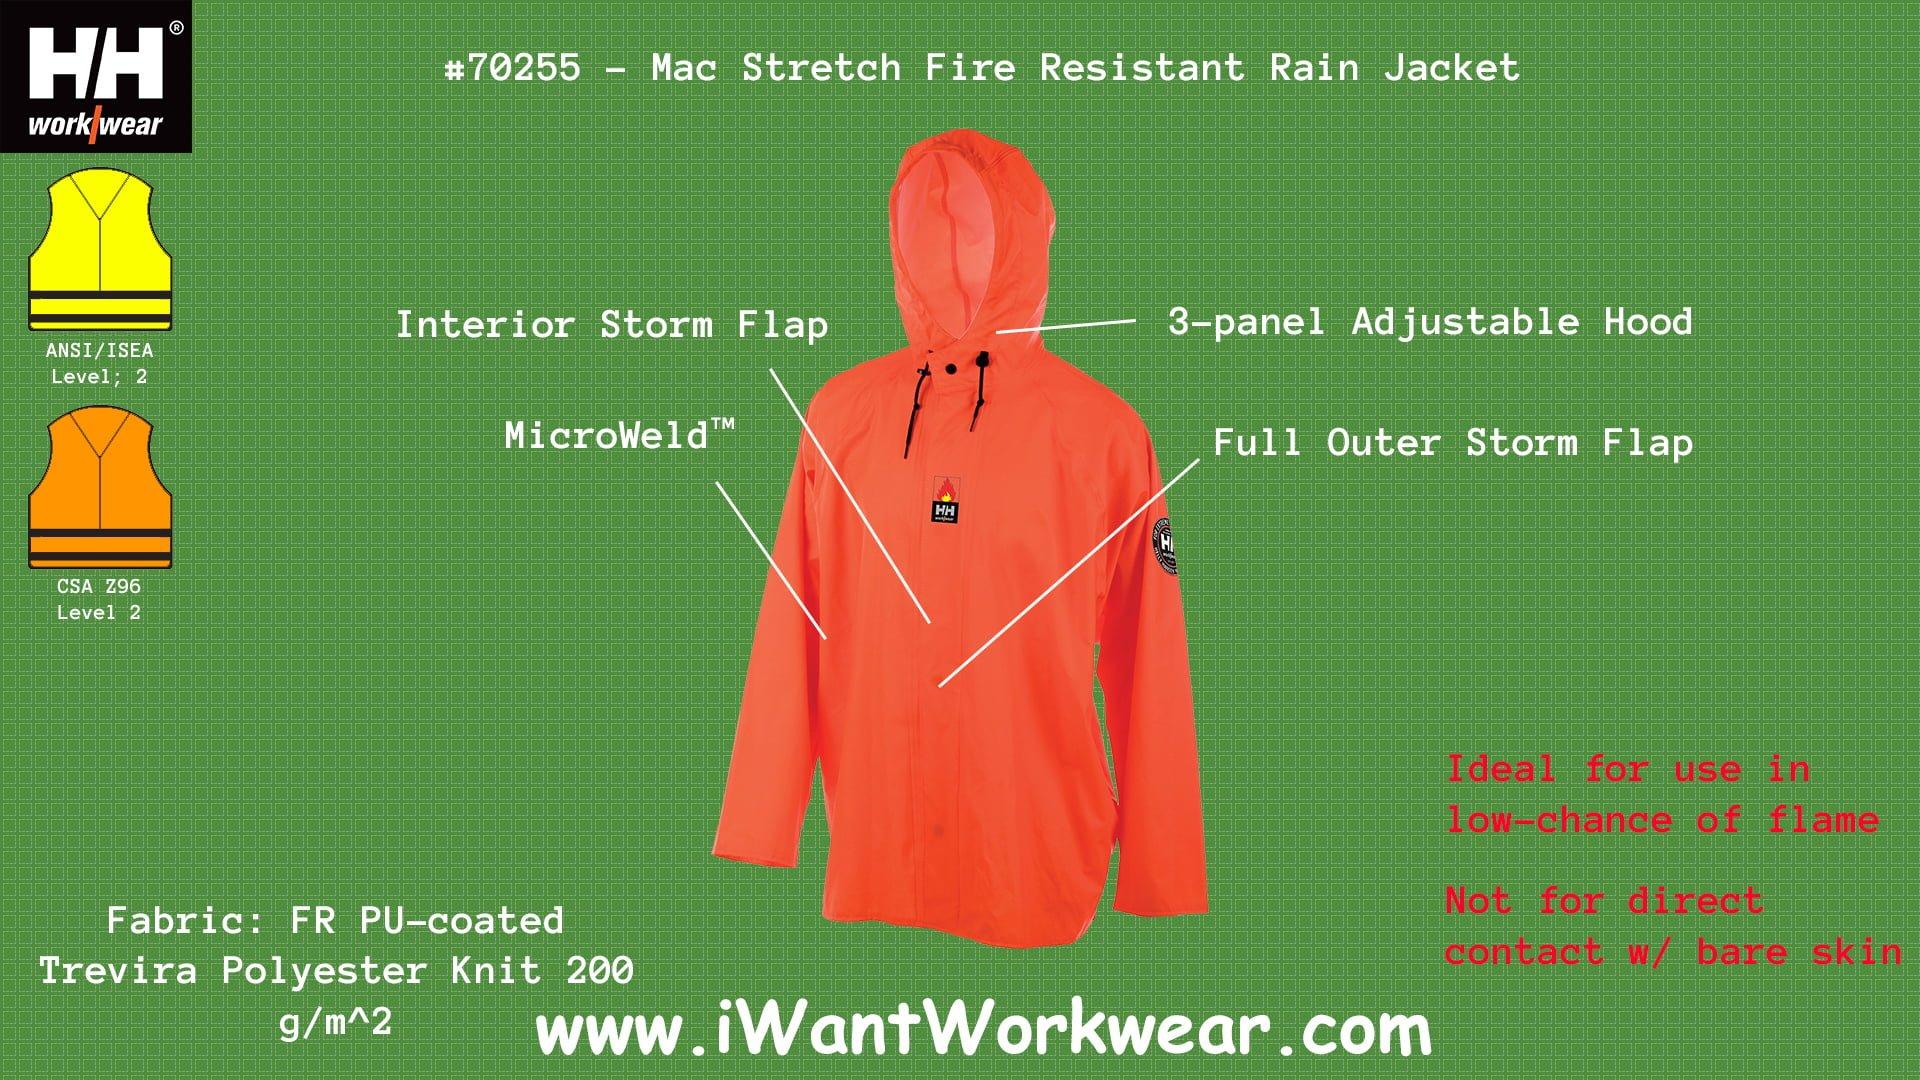 f4d0464a1318 Helly Hansen Workwear 70255 Mac Stretch Flame Retardant Rain Jacket